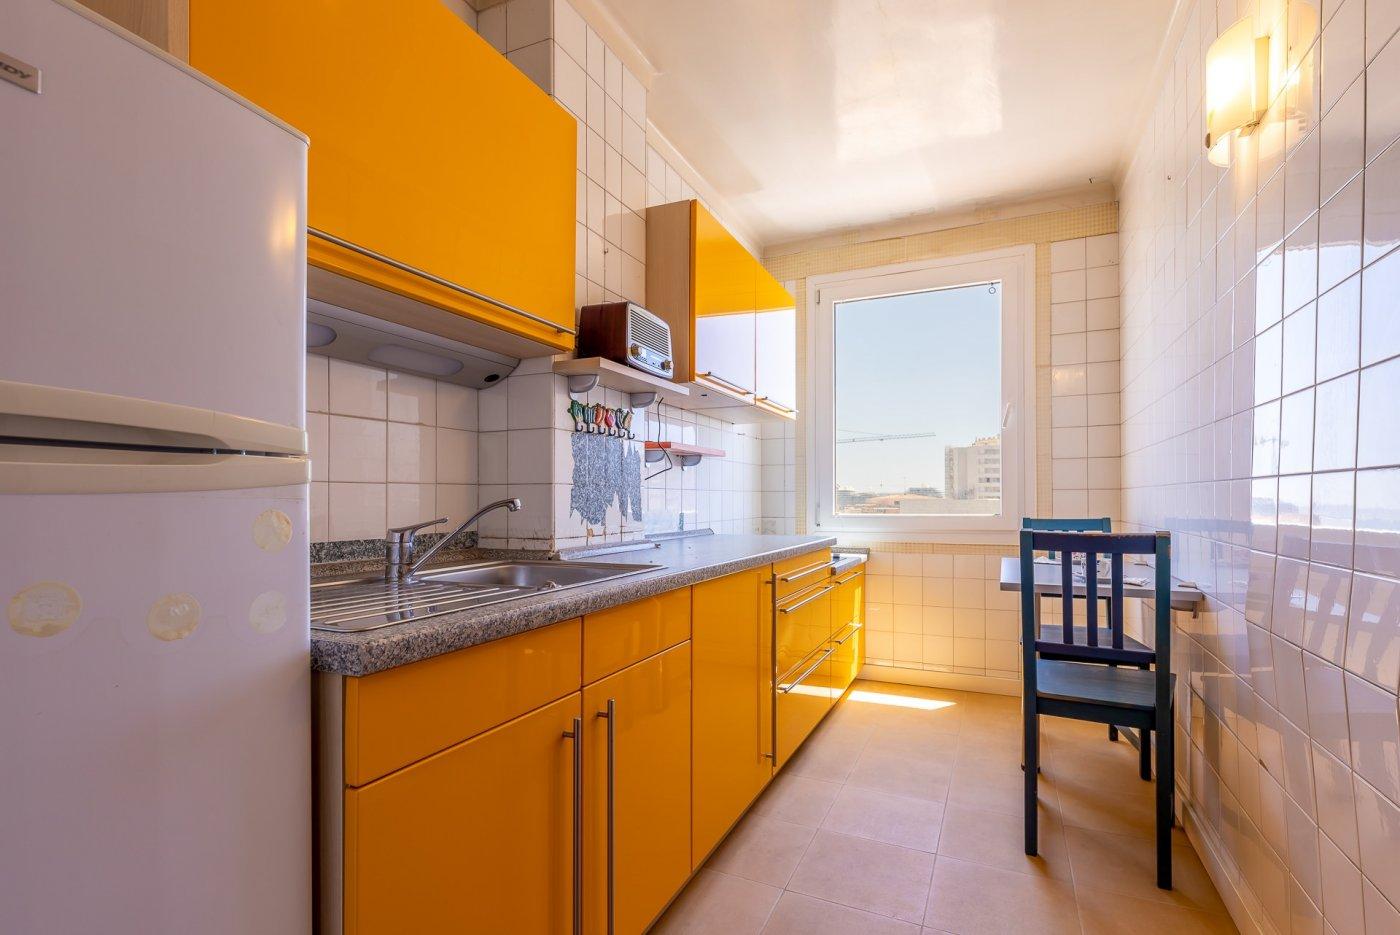 Coqueto apartamento cerca de porto pi, palma - imagenInmueble6